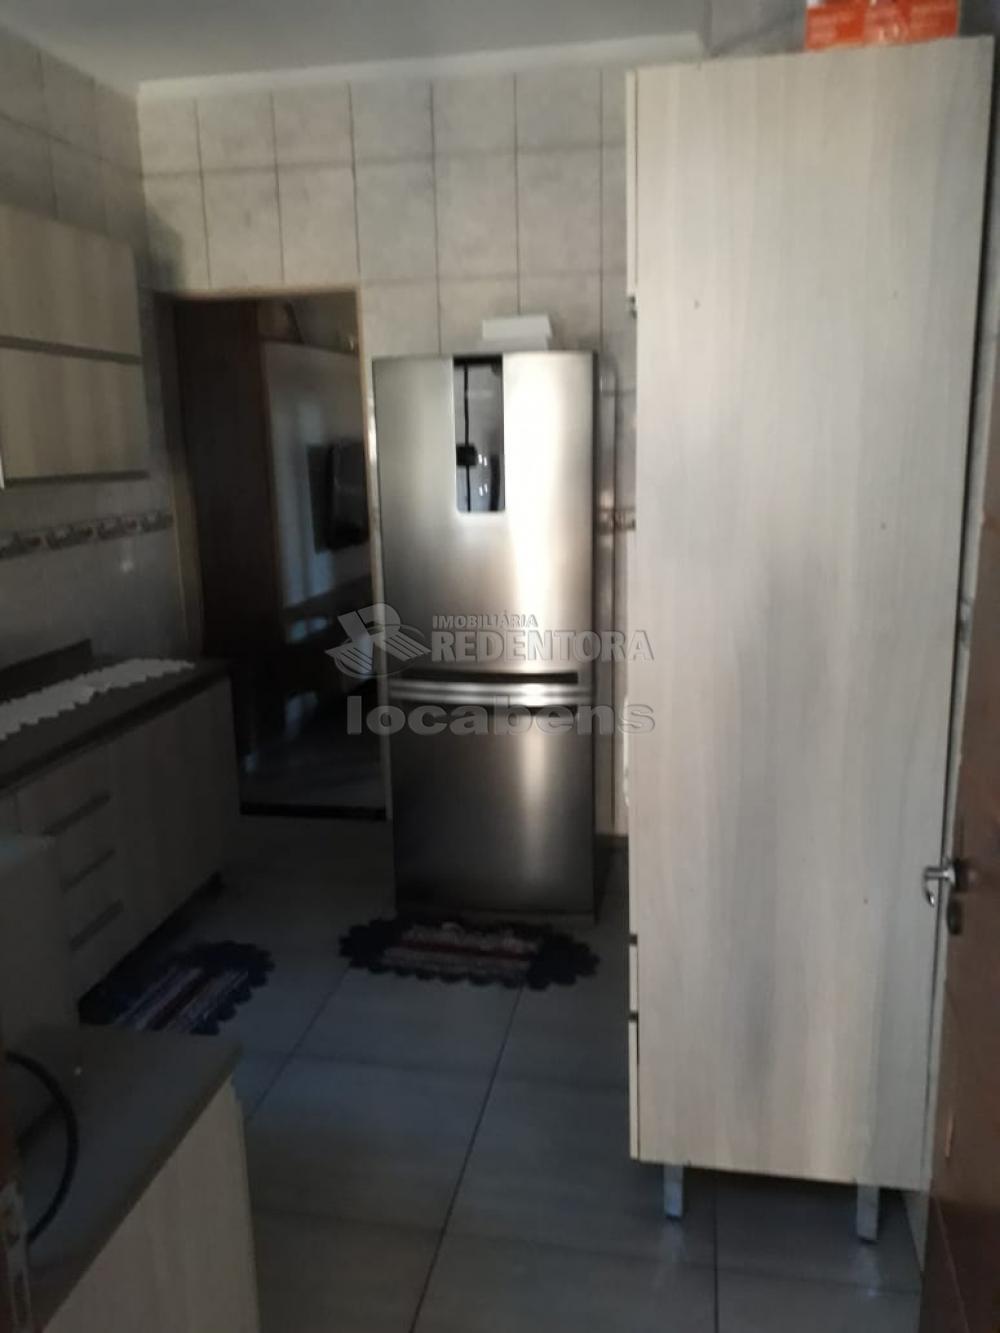 Comprar Casa / Padrão em São José do Rio Preto R$ 330.000,00 - Foto 15